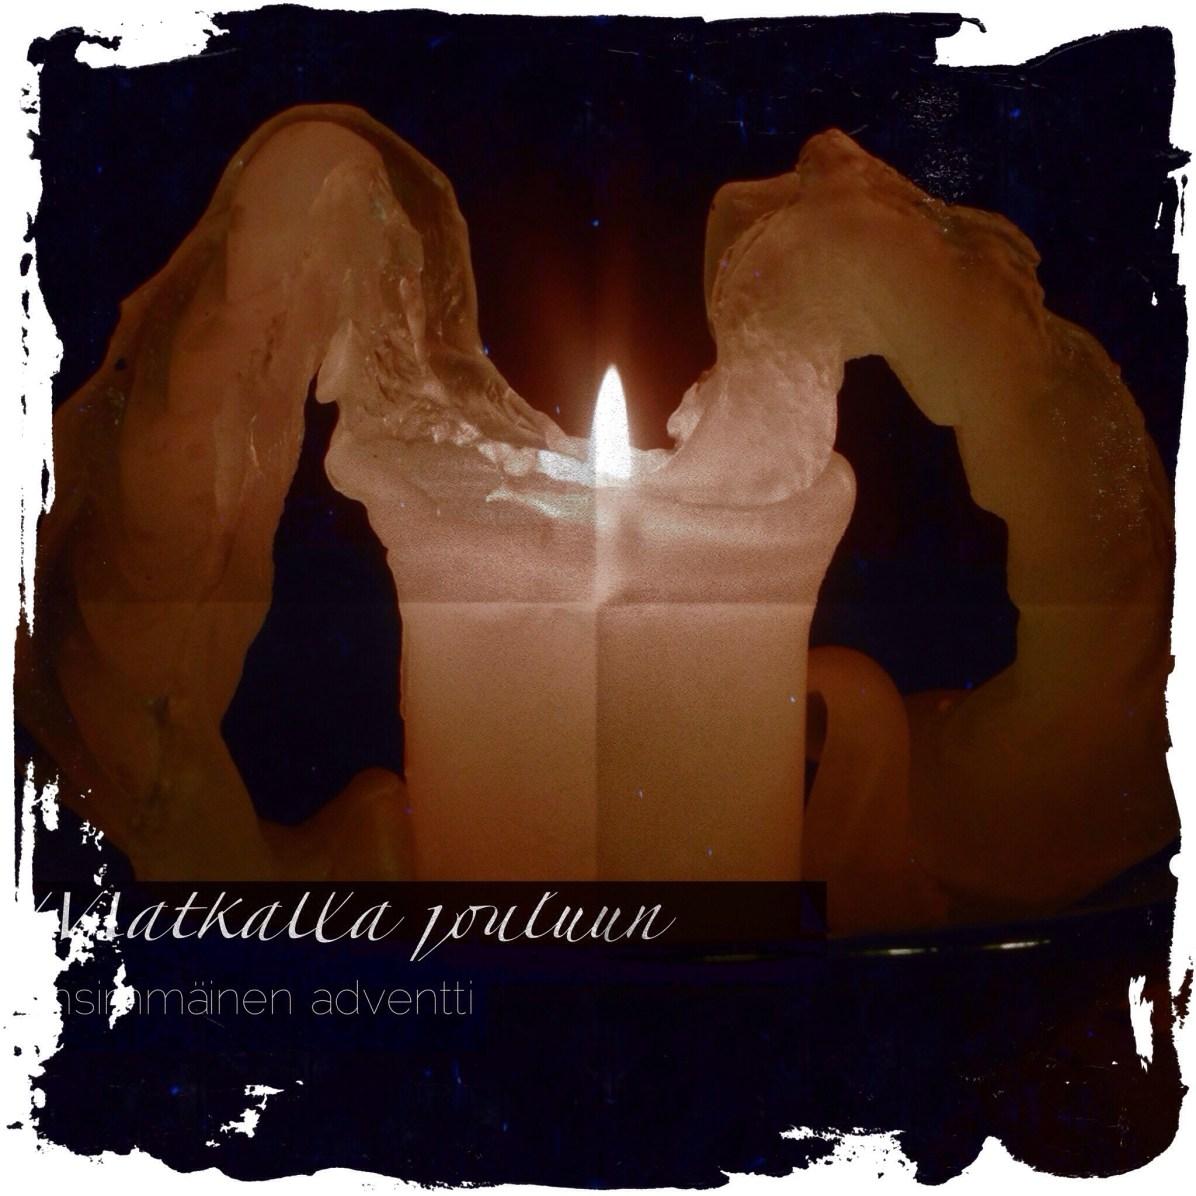 Posteri kynttilästä